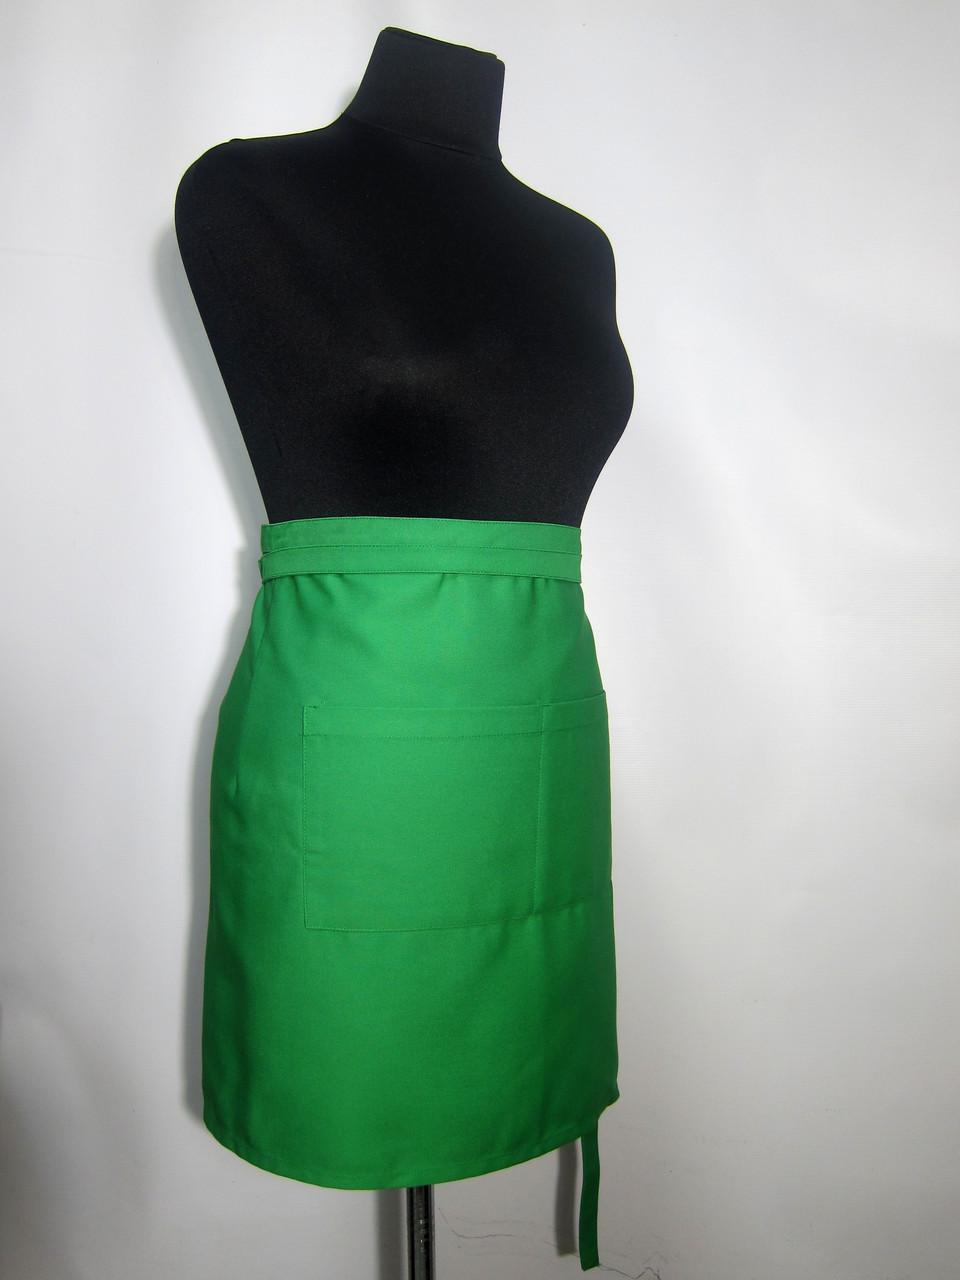 Фартук Atteks для официанта/повара/горничной, короткий 50 см зелёный - 00107